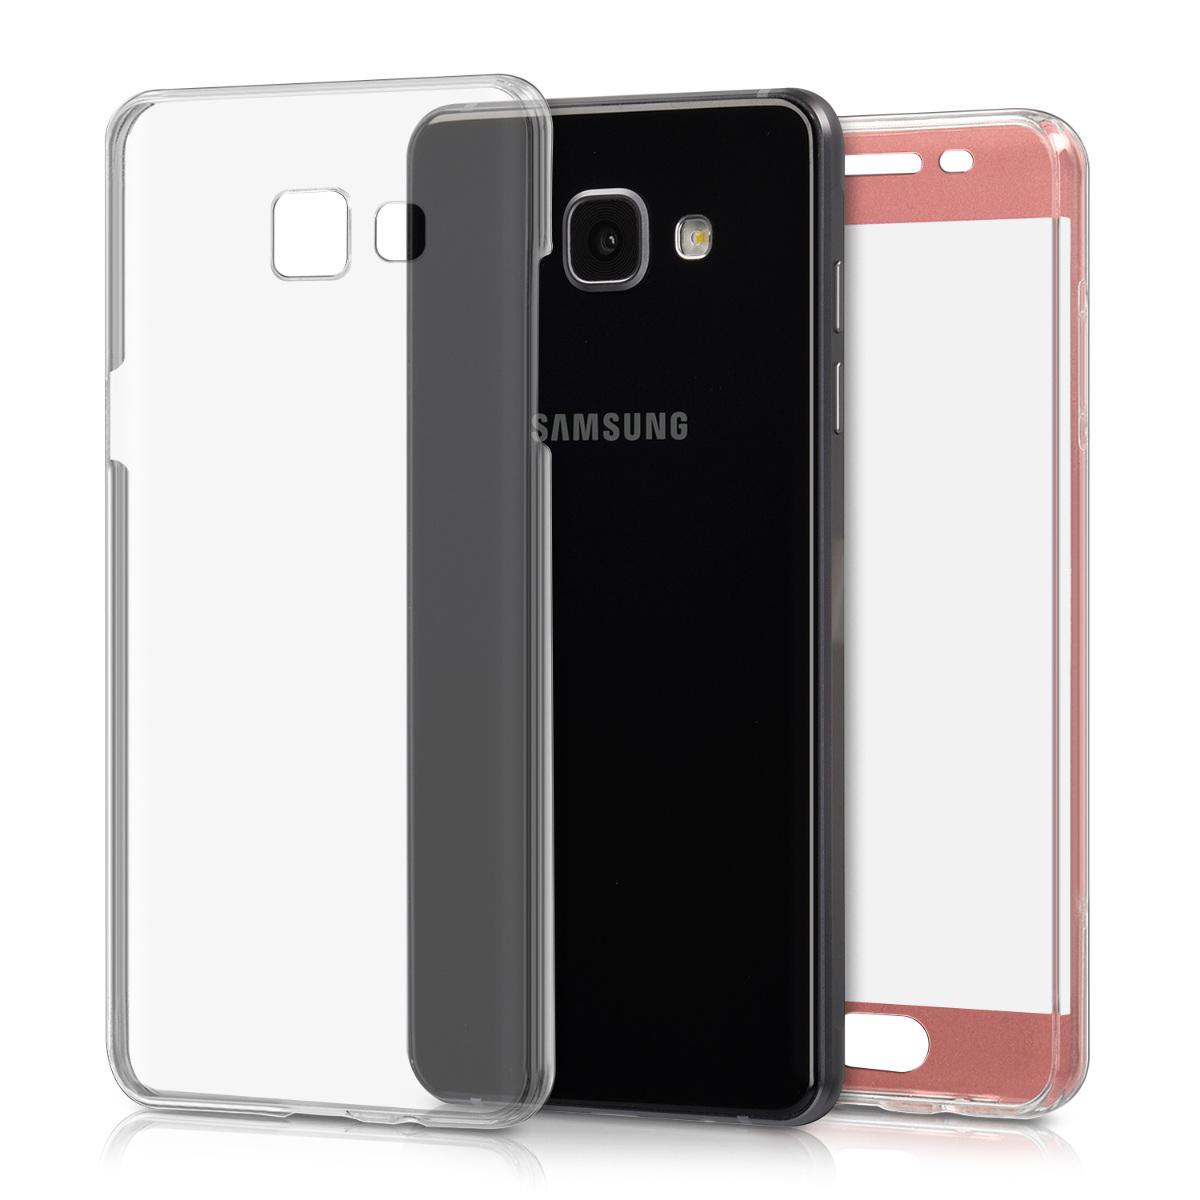 KW Θήκη Σιλικόνης Full Body Samsung Galaxy A5 2016 - (40468.81)